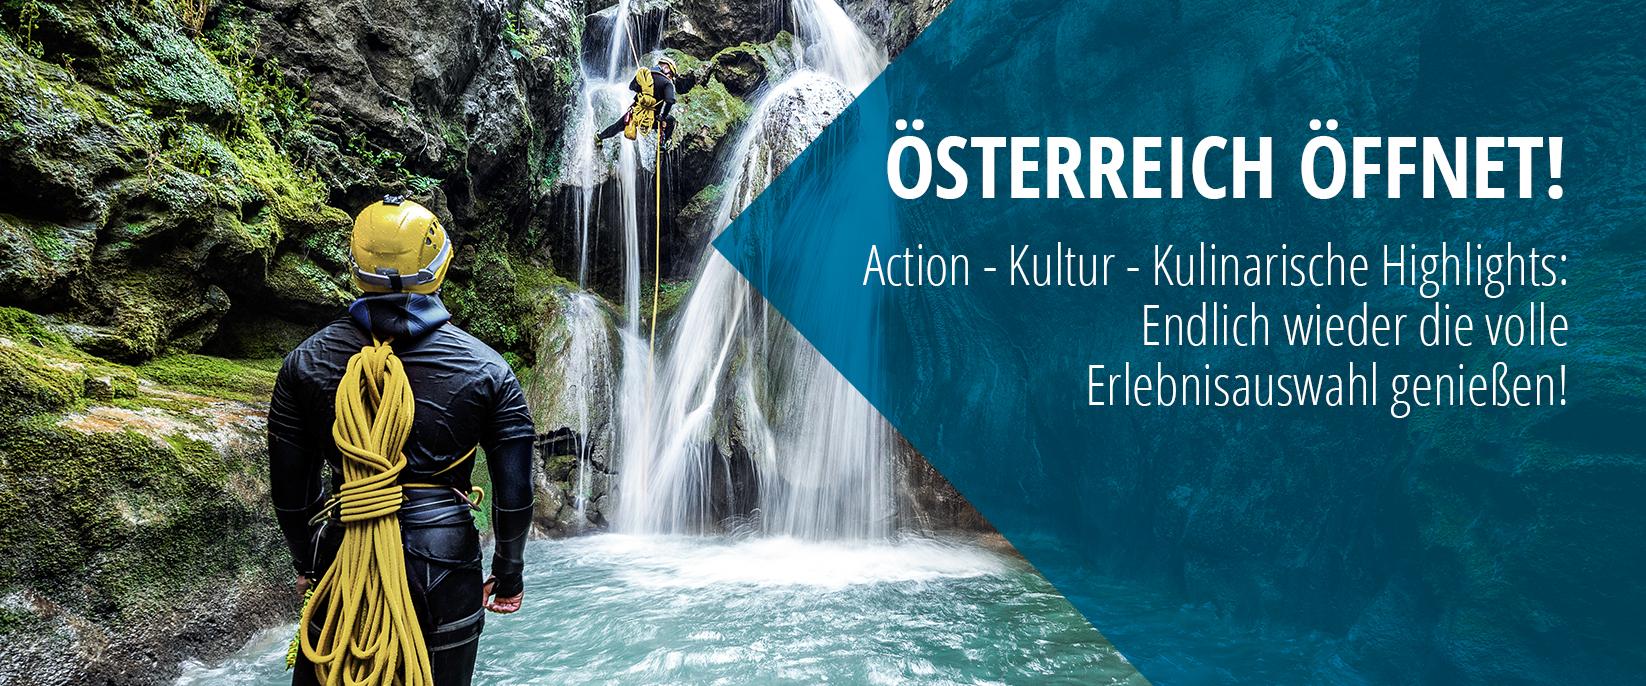 Erlebnisse Österreich